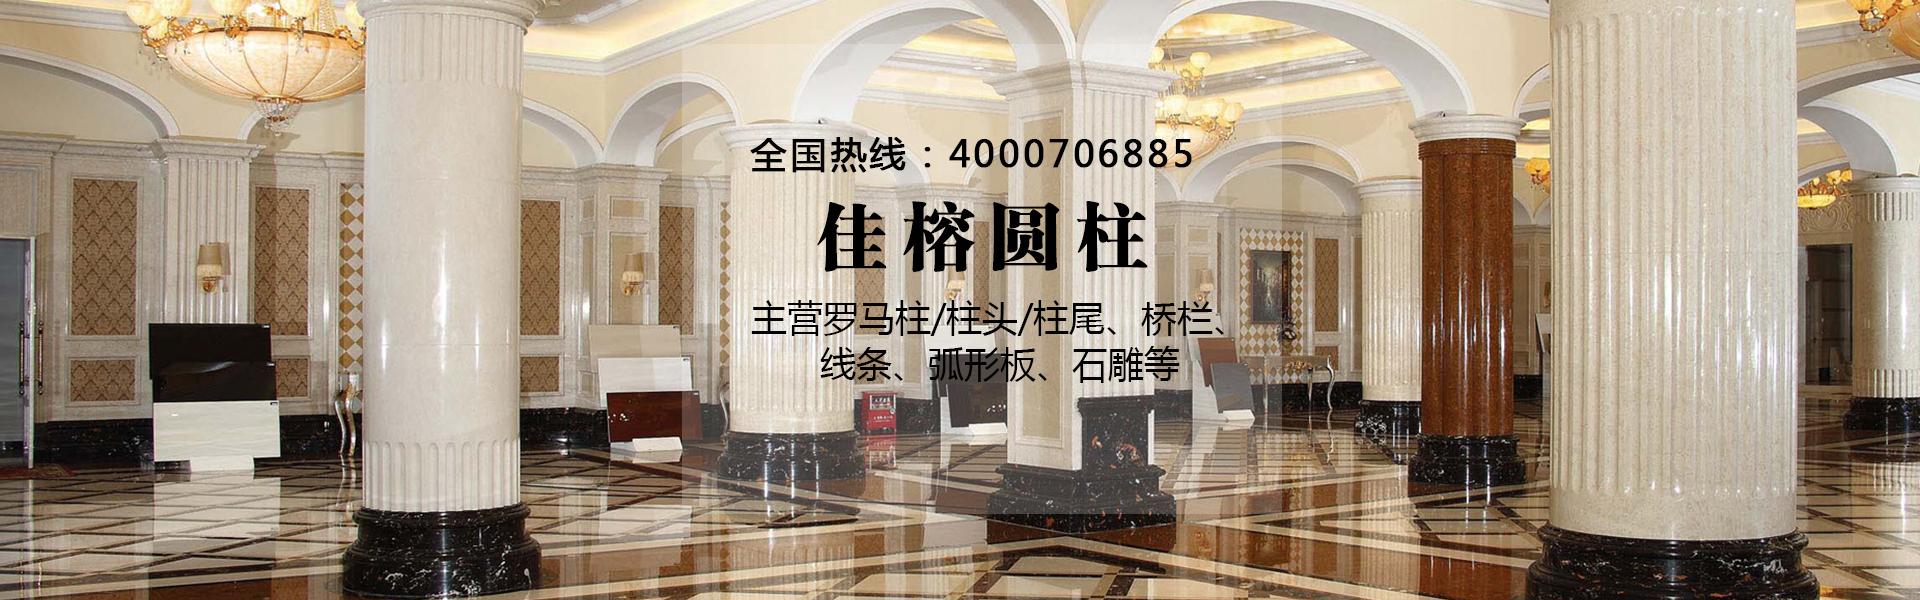 澳门新葡京55193